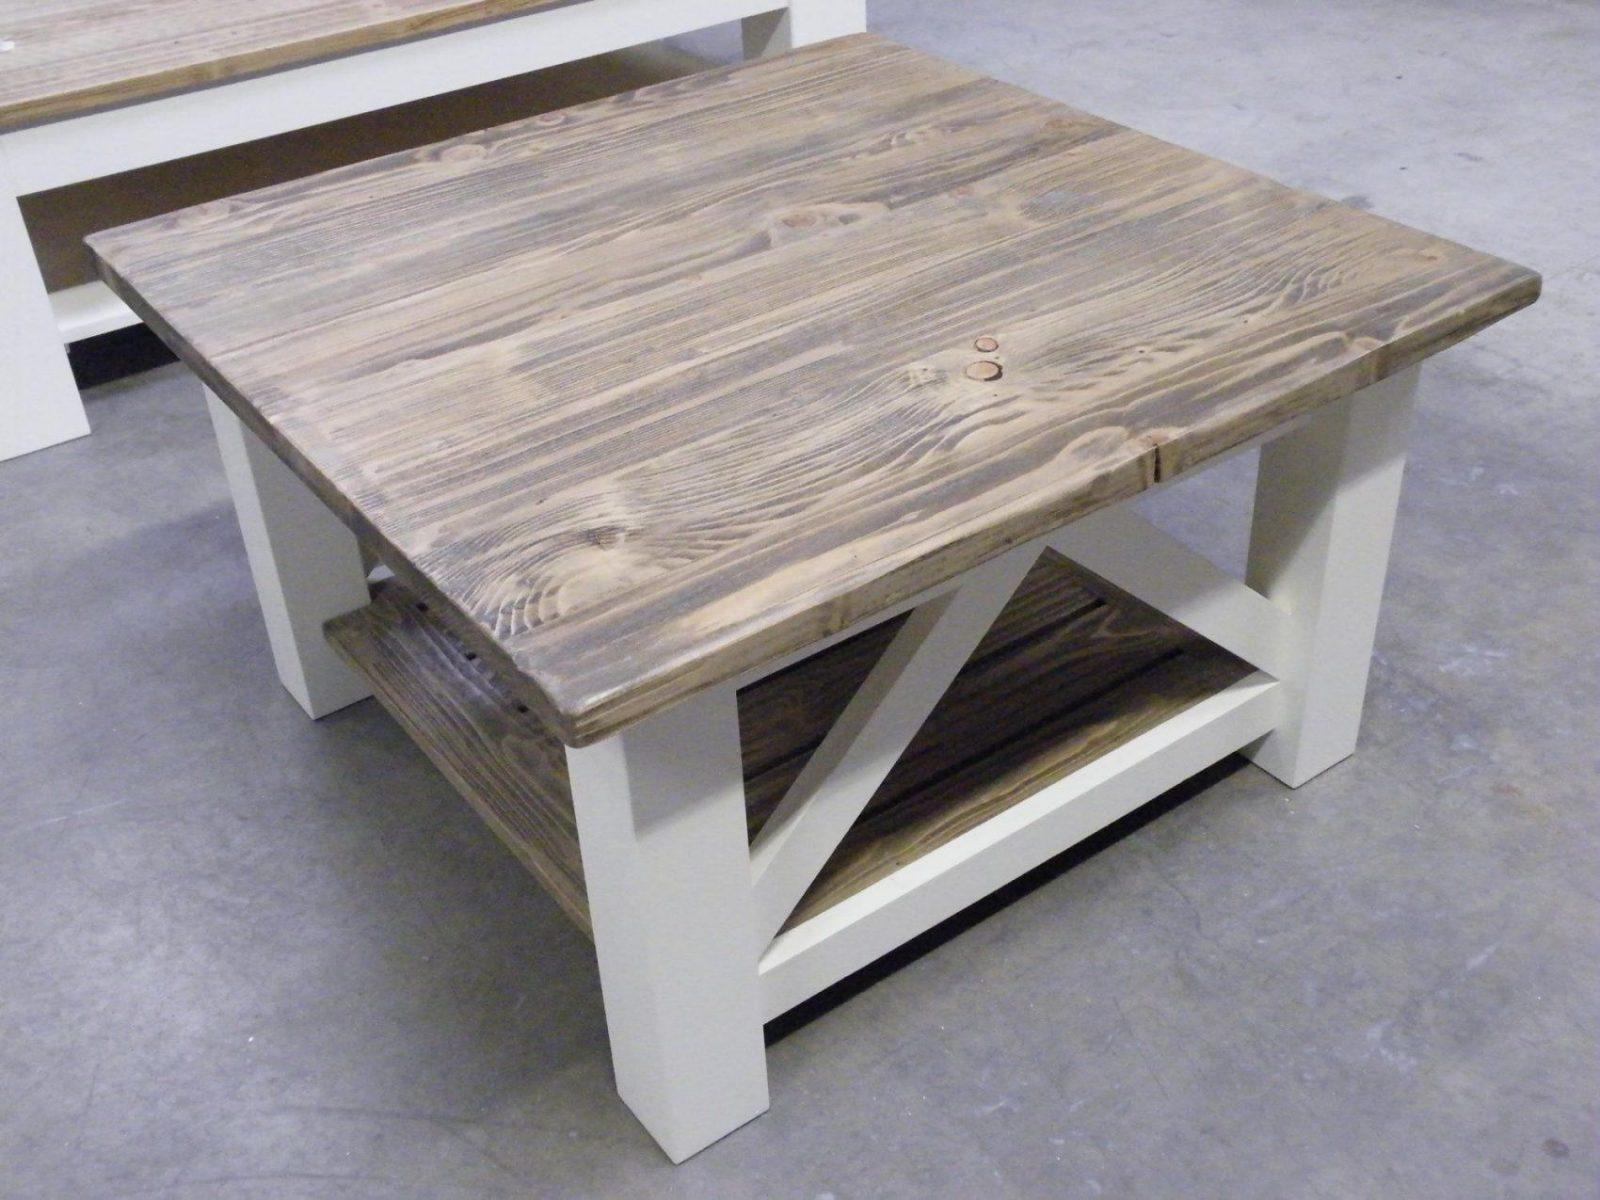 Couchtisch Ideen Ausgezeichnet Couchtisch Weiß Holz Reizend von Couchtisch Holz Braun Bild